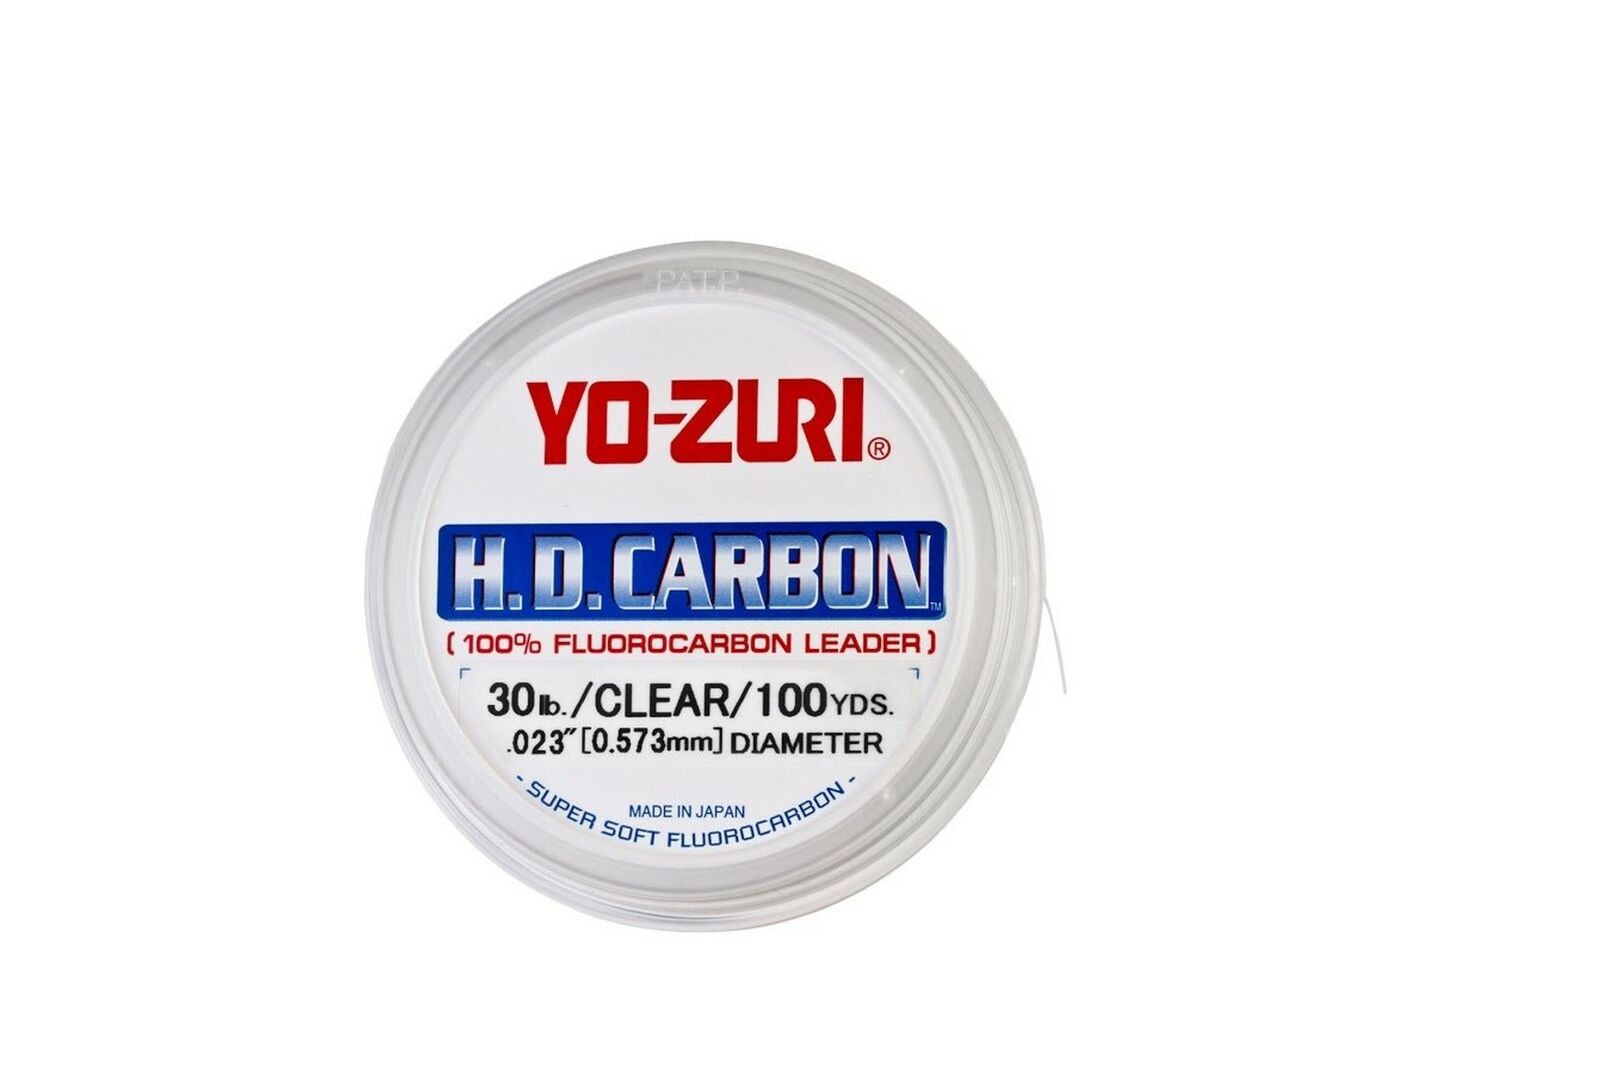 H.D.CARBON FLUOROCABON 30YDS 40LBS